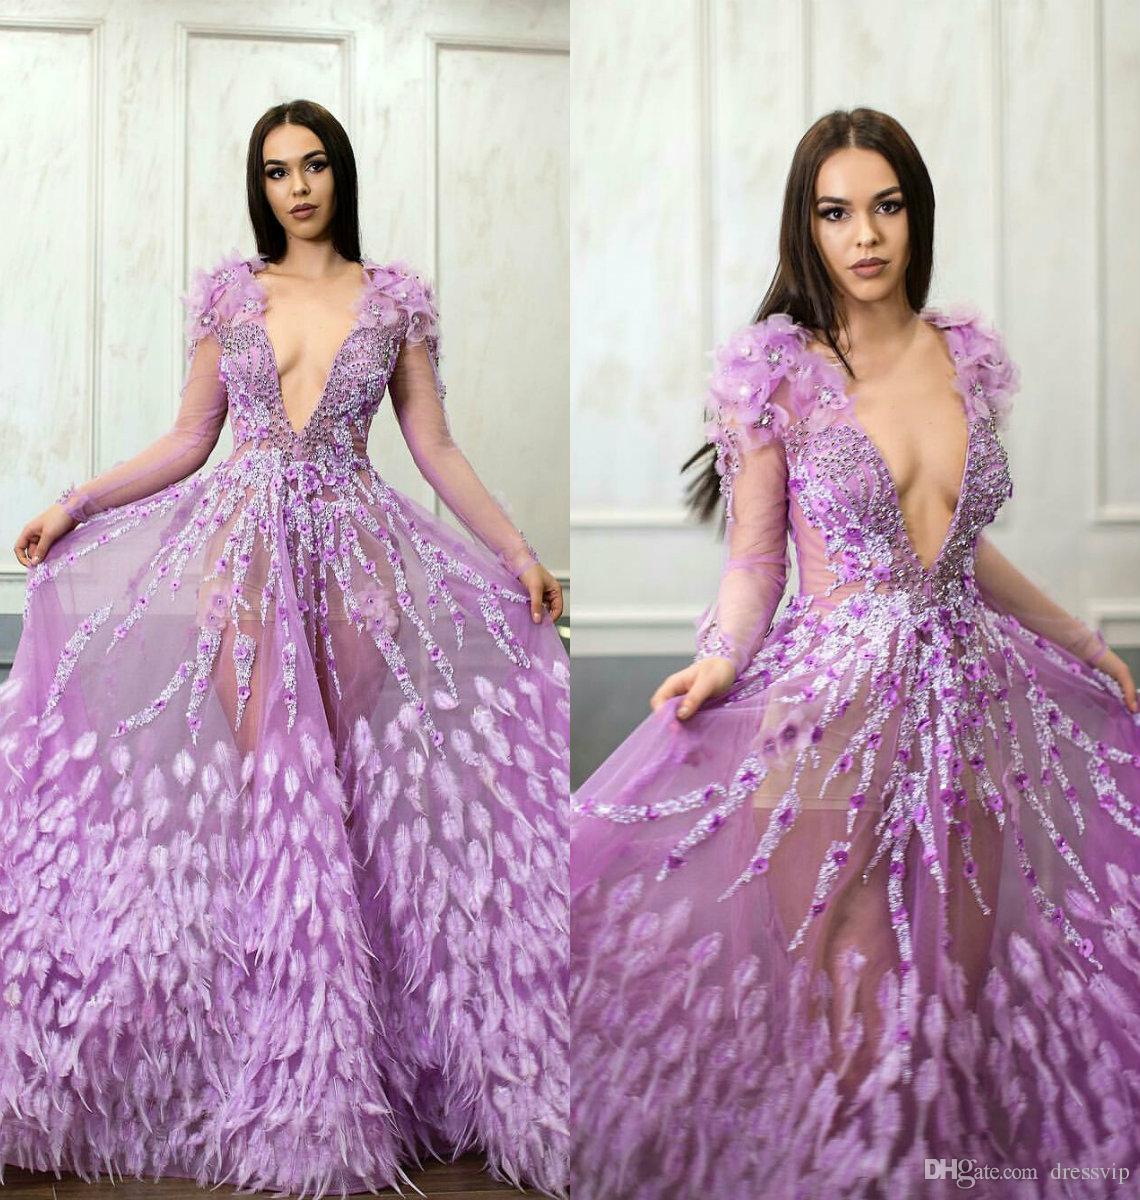 2019 Sheer Manga larga, púrpura, vestidos de noche, cuello en V profundo, cuentas de encaje, apliques, plumas, vestido de fiesta, una línea de hadas personalizados, vestidos formales de fiesta